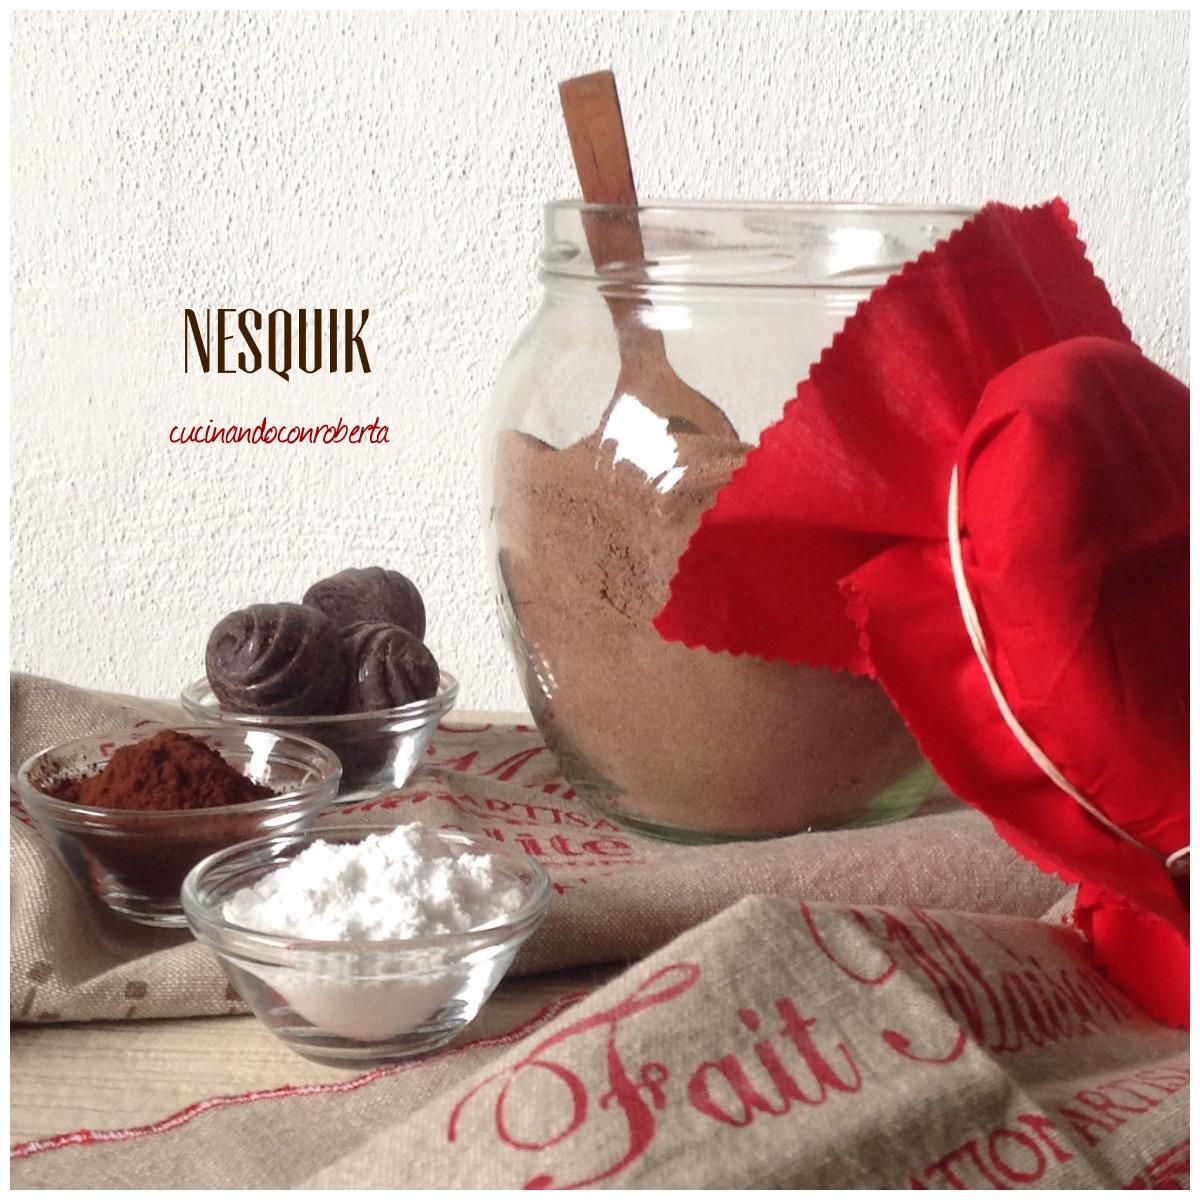 Preparato gusto Nesquik ' fatto in casa '